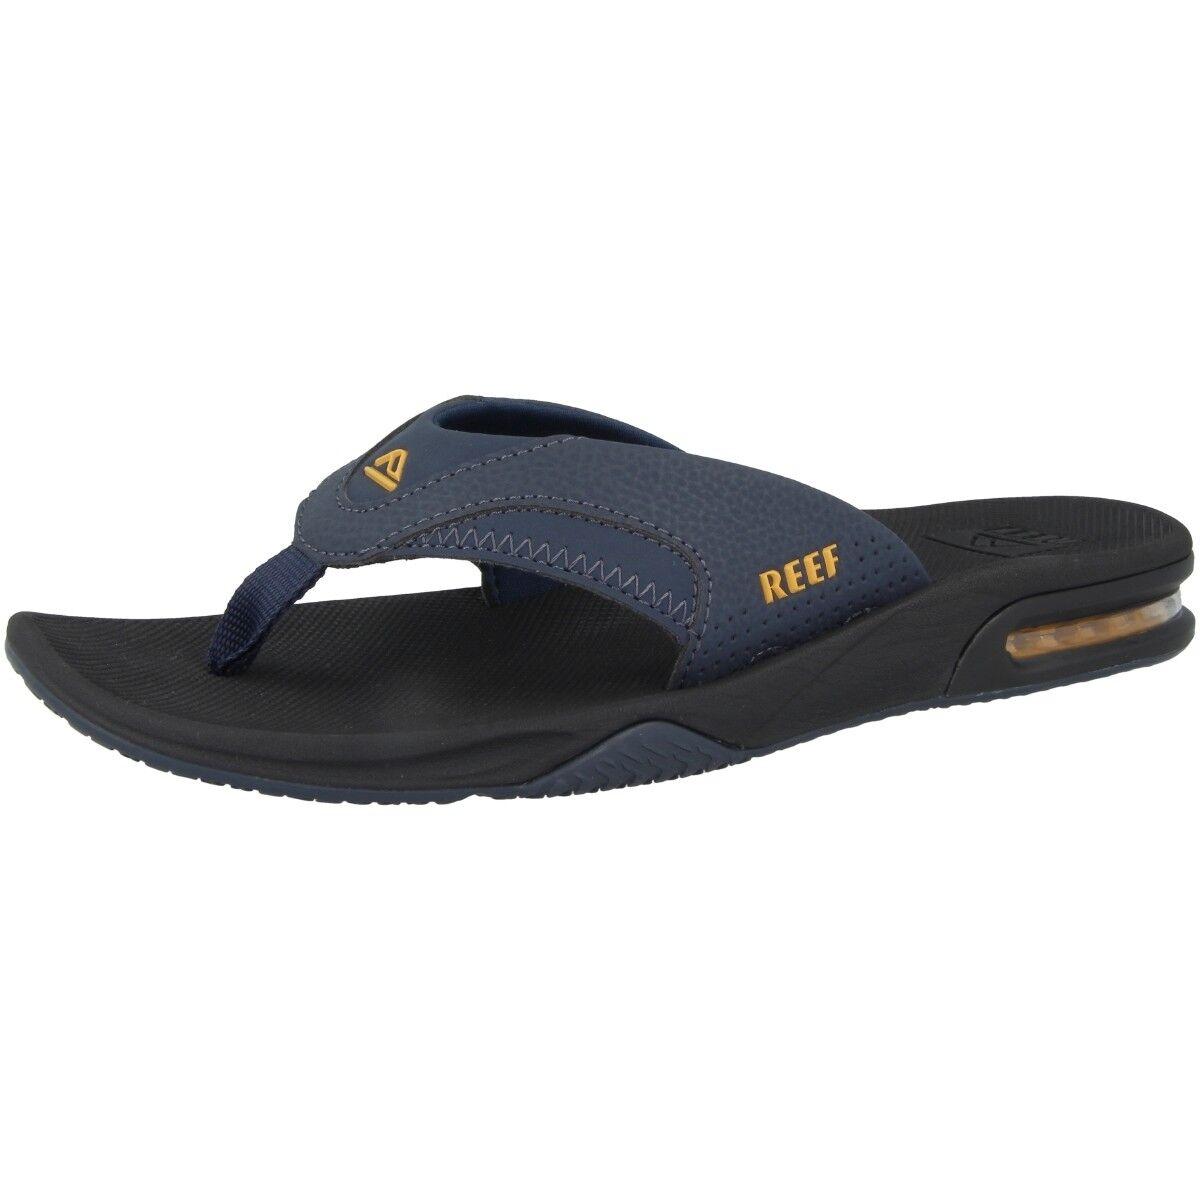 Reef Fanning tira dedo sandalias Chanclas Zapatos Baño Zapatos Chanclas para baño Navy rf002026nay a5f6ce